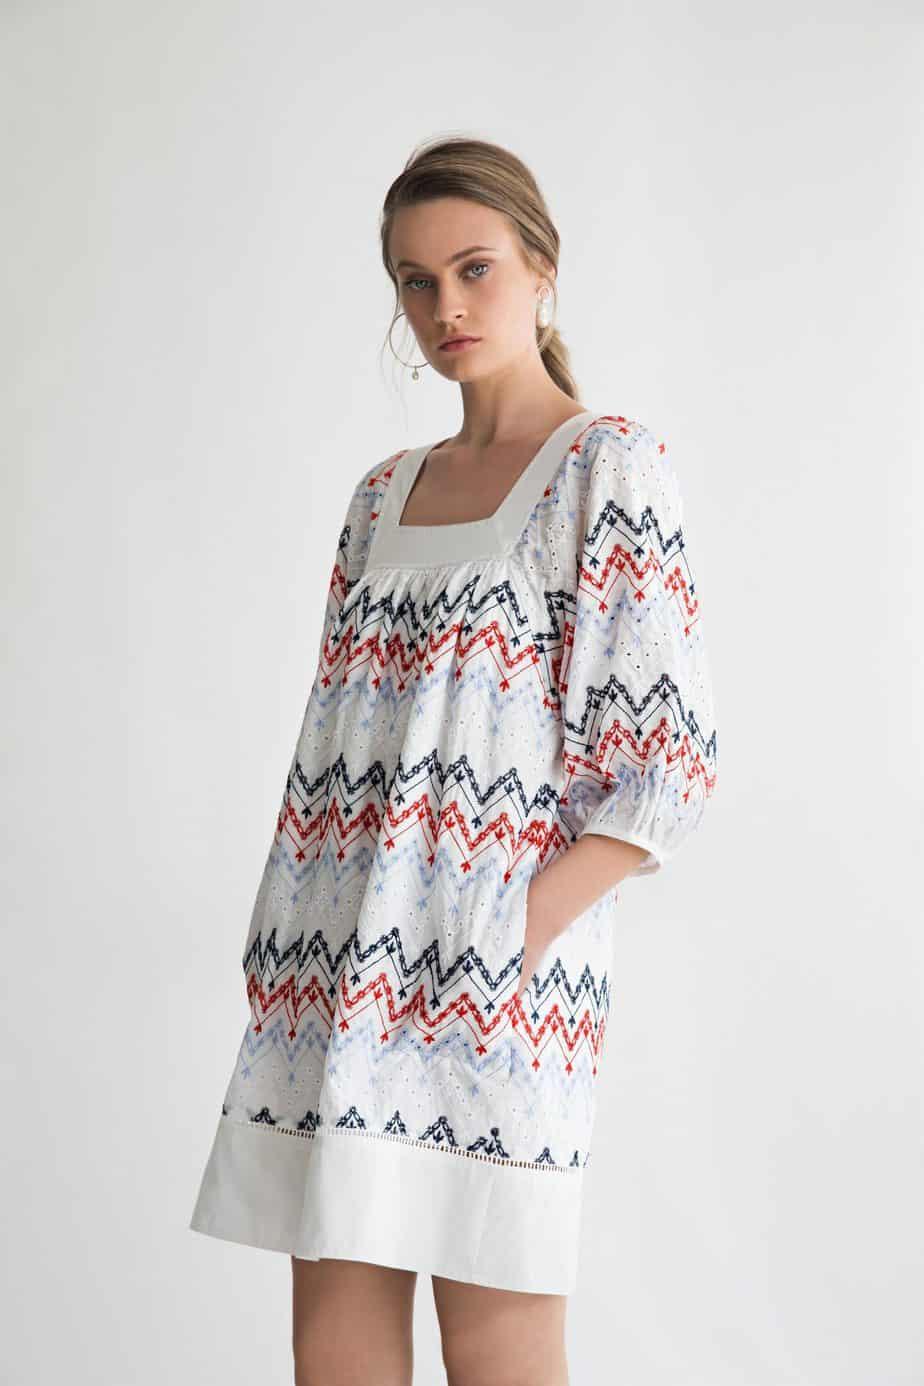 Sabina-Musayev-SS19-dress-729-nis-photo-Shay-Yahezkel --Shopping ,Fashion ,Trends, Fashion Magazine, מגזין אופנה ישראלי, חדשות אופנה, חדשות יופי, כתבות אופנה, אופנה ישראלית, עיצוב אופנה, צילום אופנה, הפקות אופנה